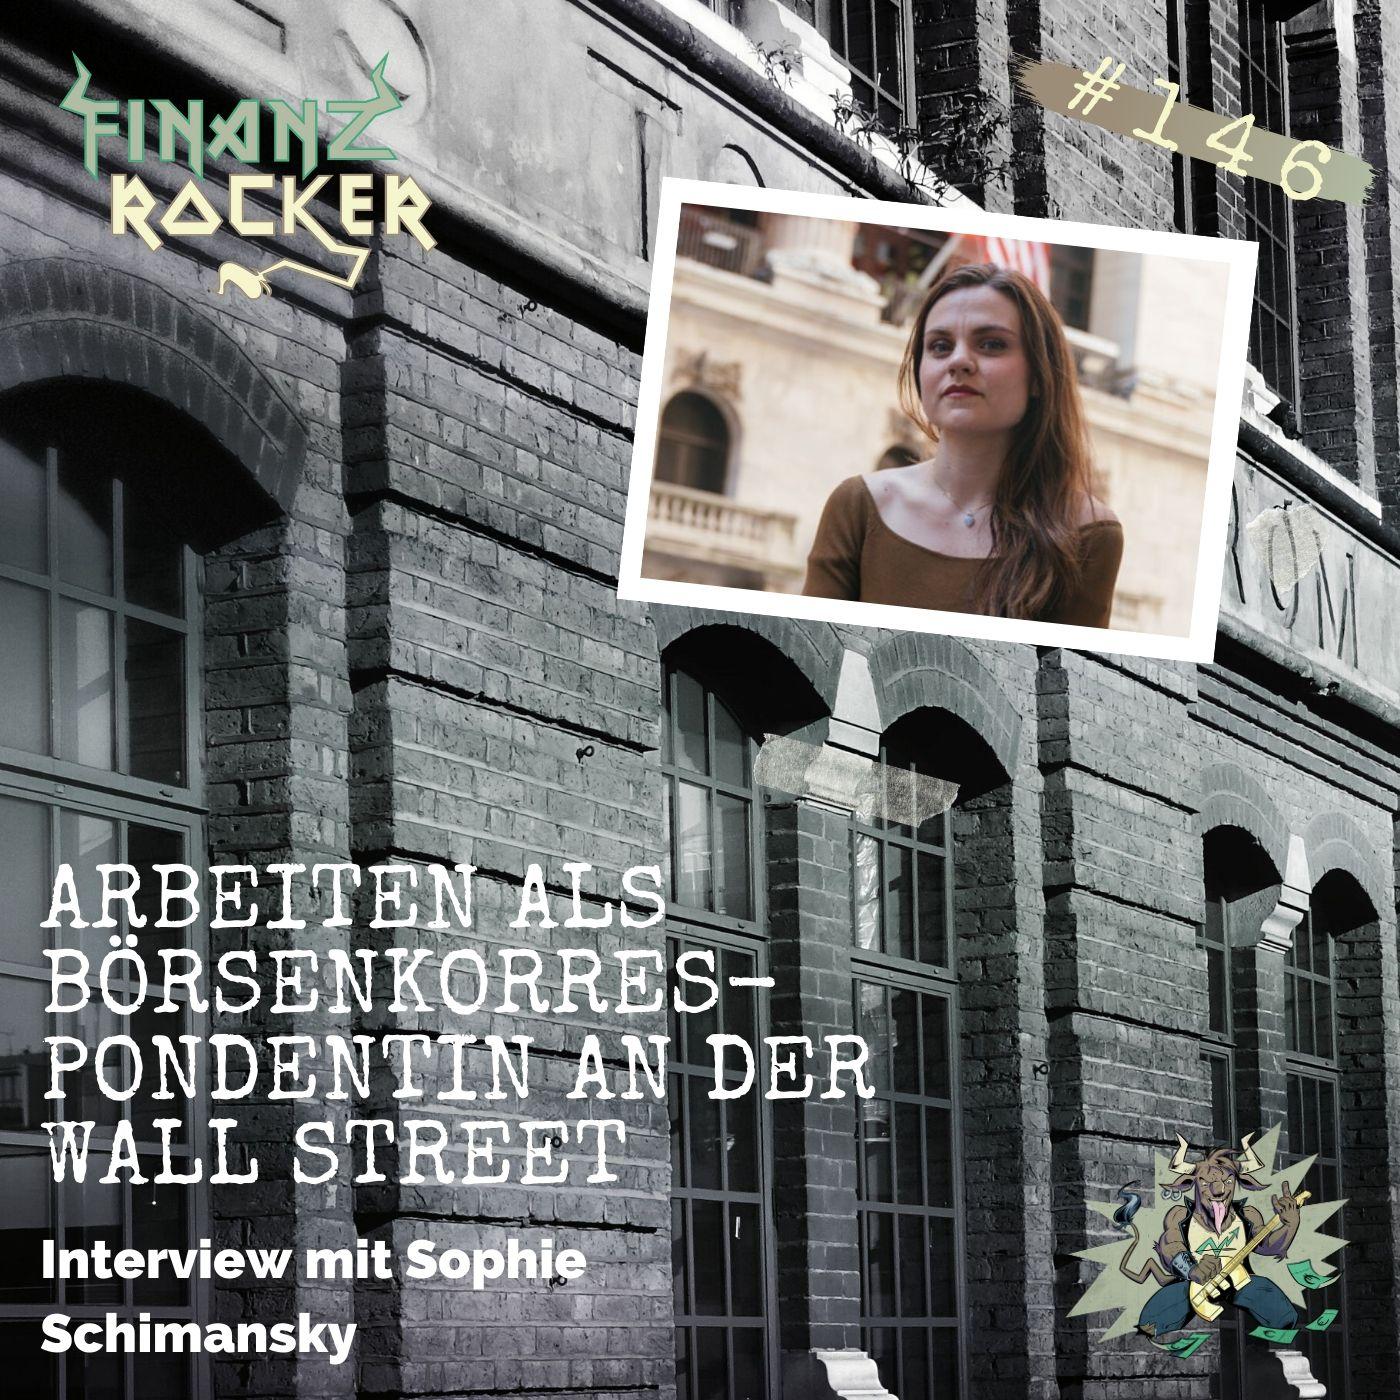 Folge 146: Arbeiten als Börsenkorrespondentin an der Wall Street - Interview mit Sophie Schimansky